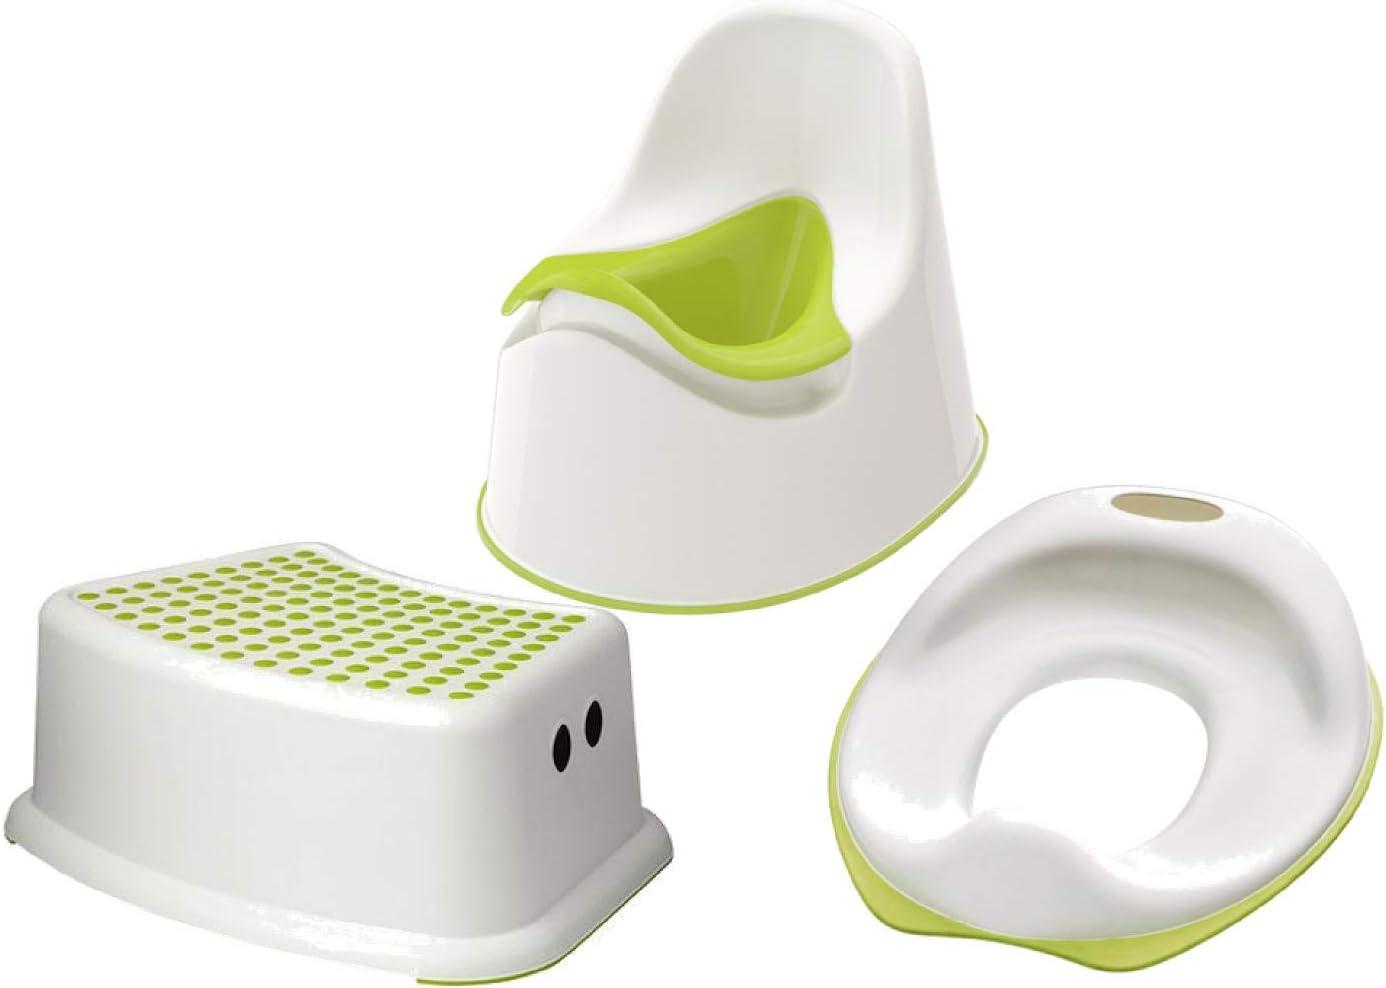 Taburete de seguridad para ni/ños IKEA FORSIKTIG